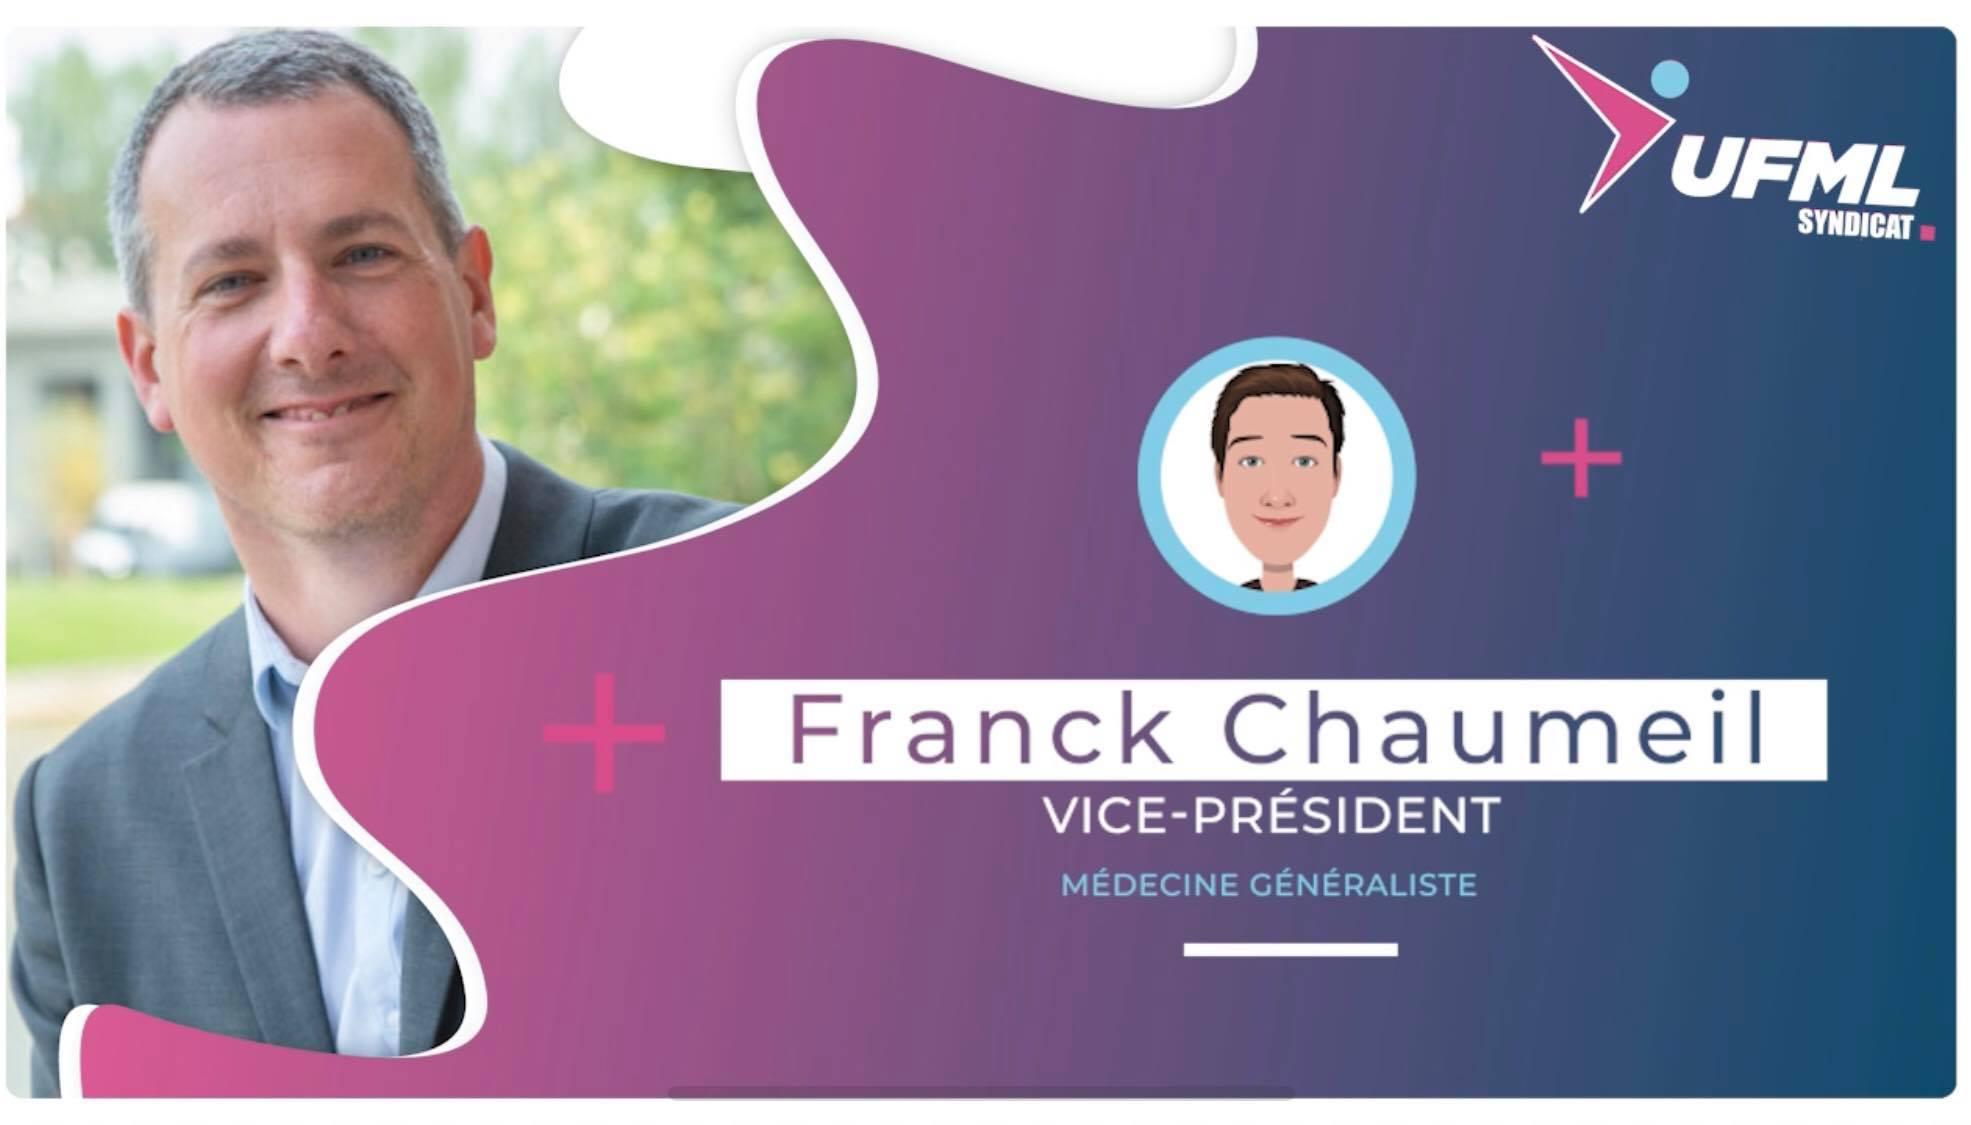 Dr Franck Chaumeil